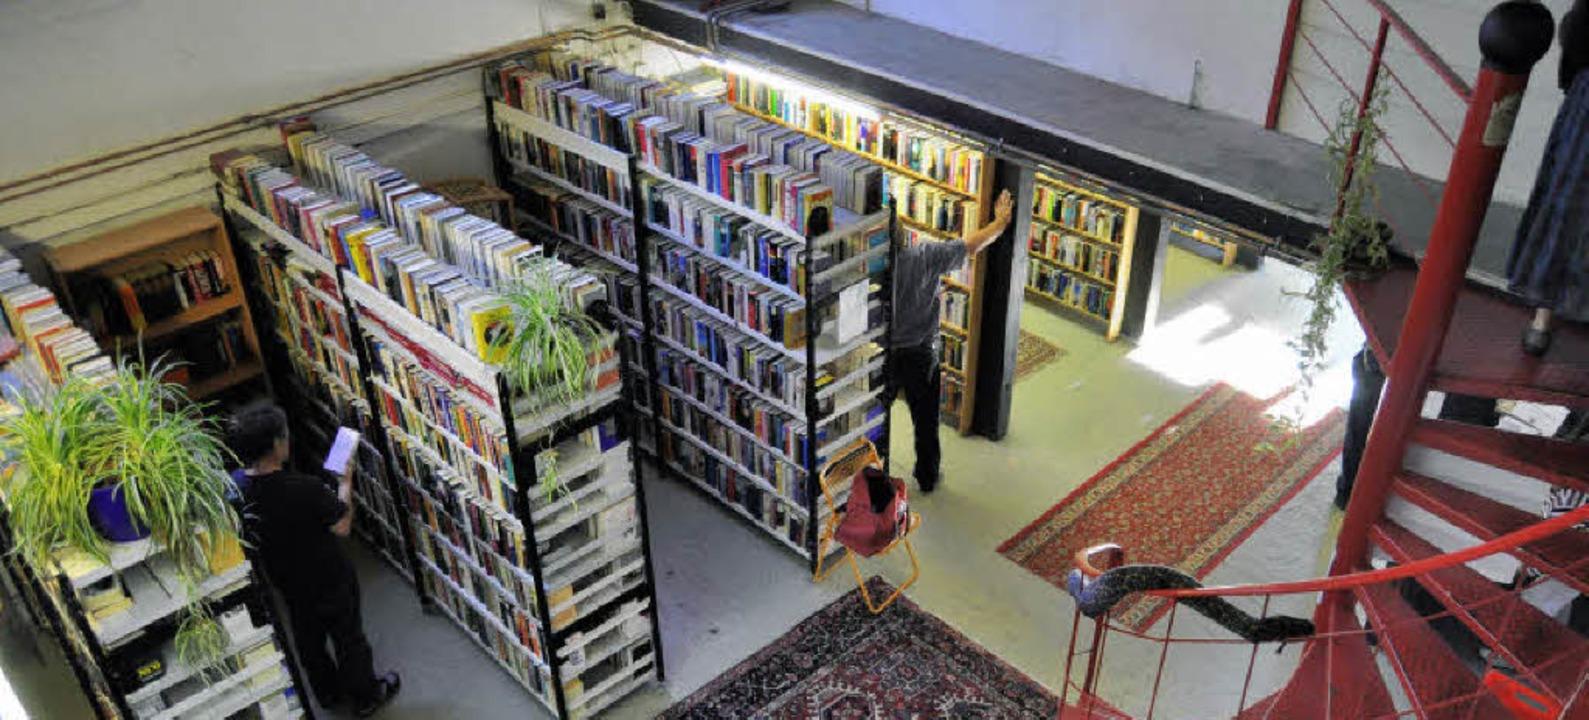 Im Innern der Buchschachtel  | Foto: Nicolai Kapitz